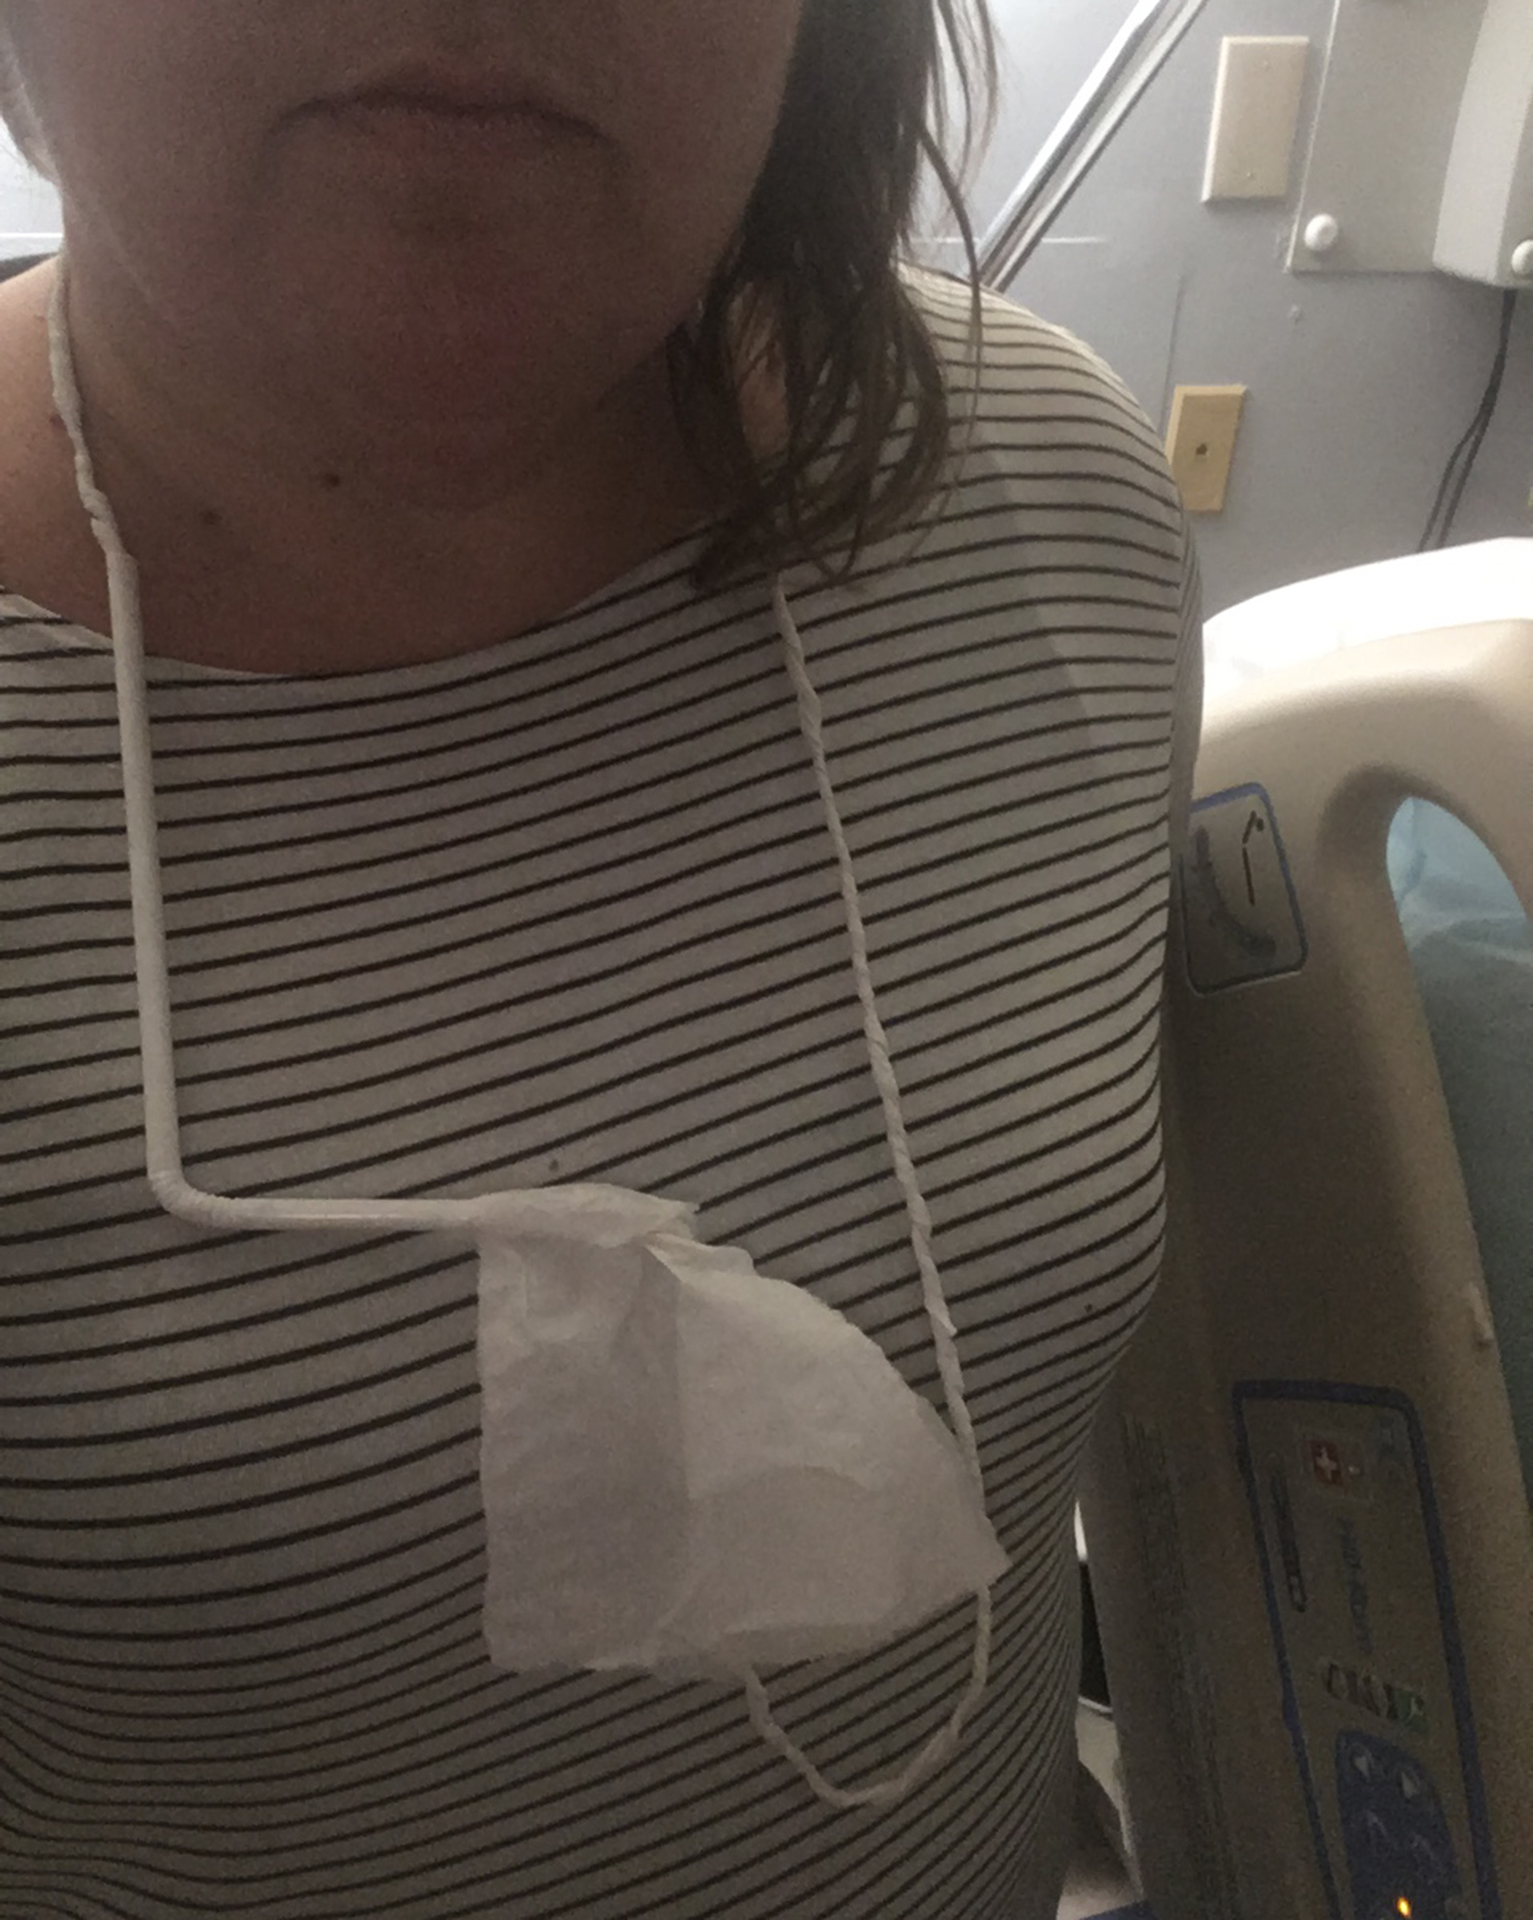 VA Hospital 09.03.2017